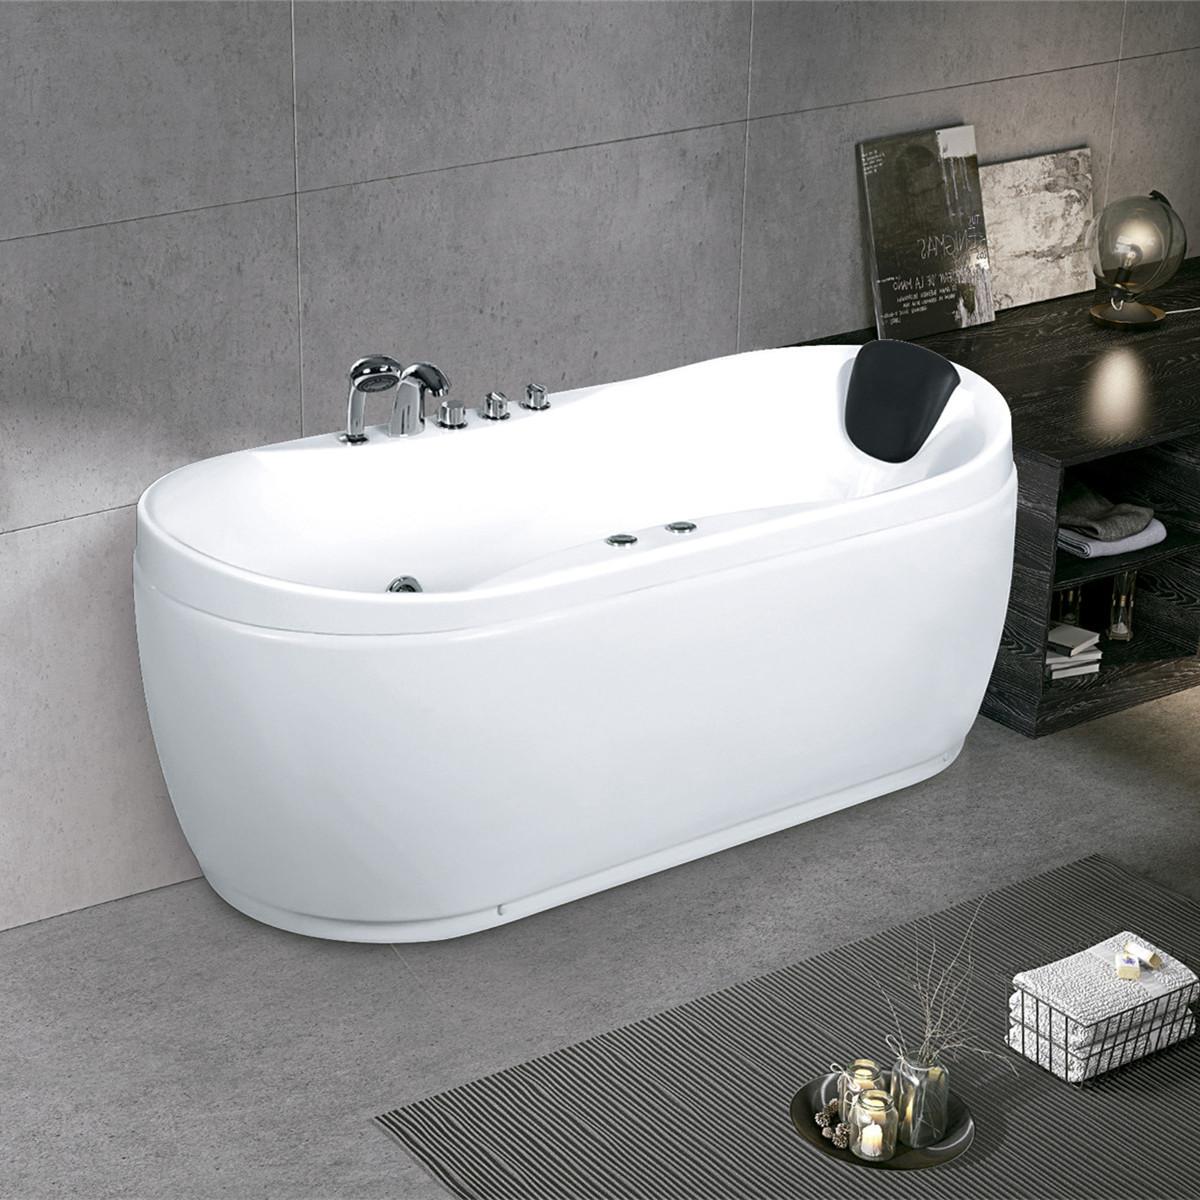 厂家直发亚克力冲浪按摩浴缸1.72米酒店工程成人泡澡浴盆批发零售